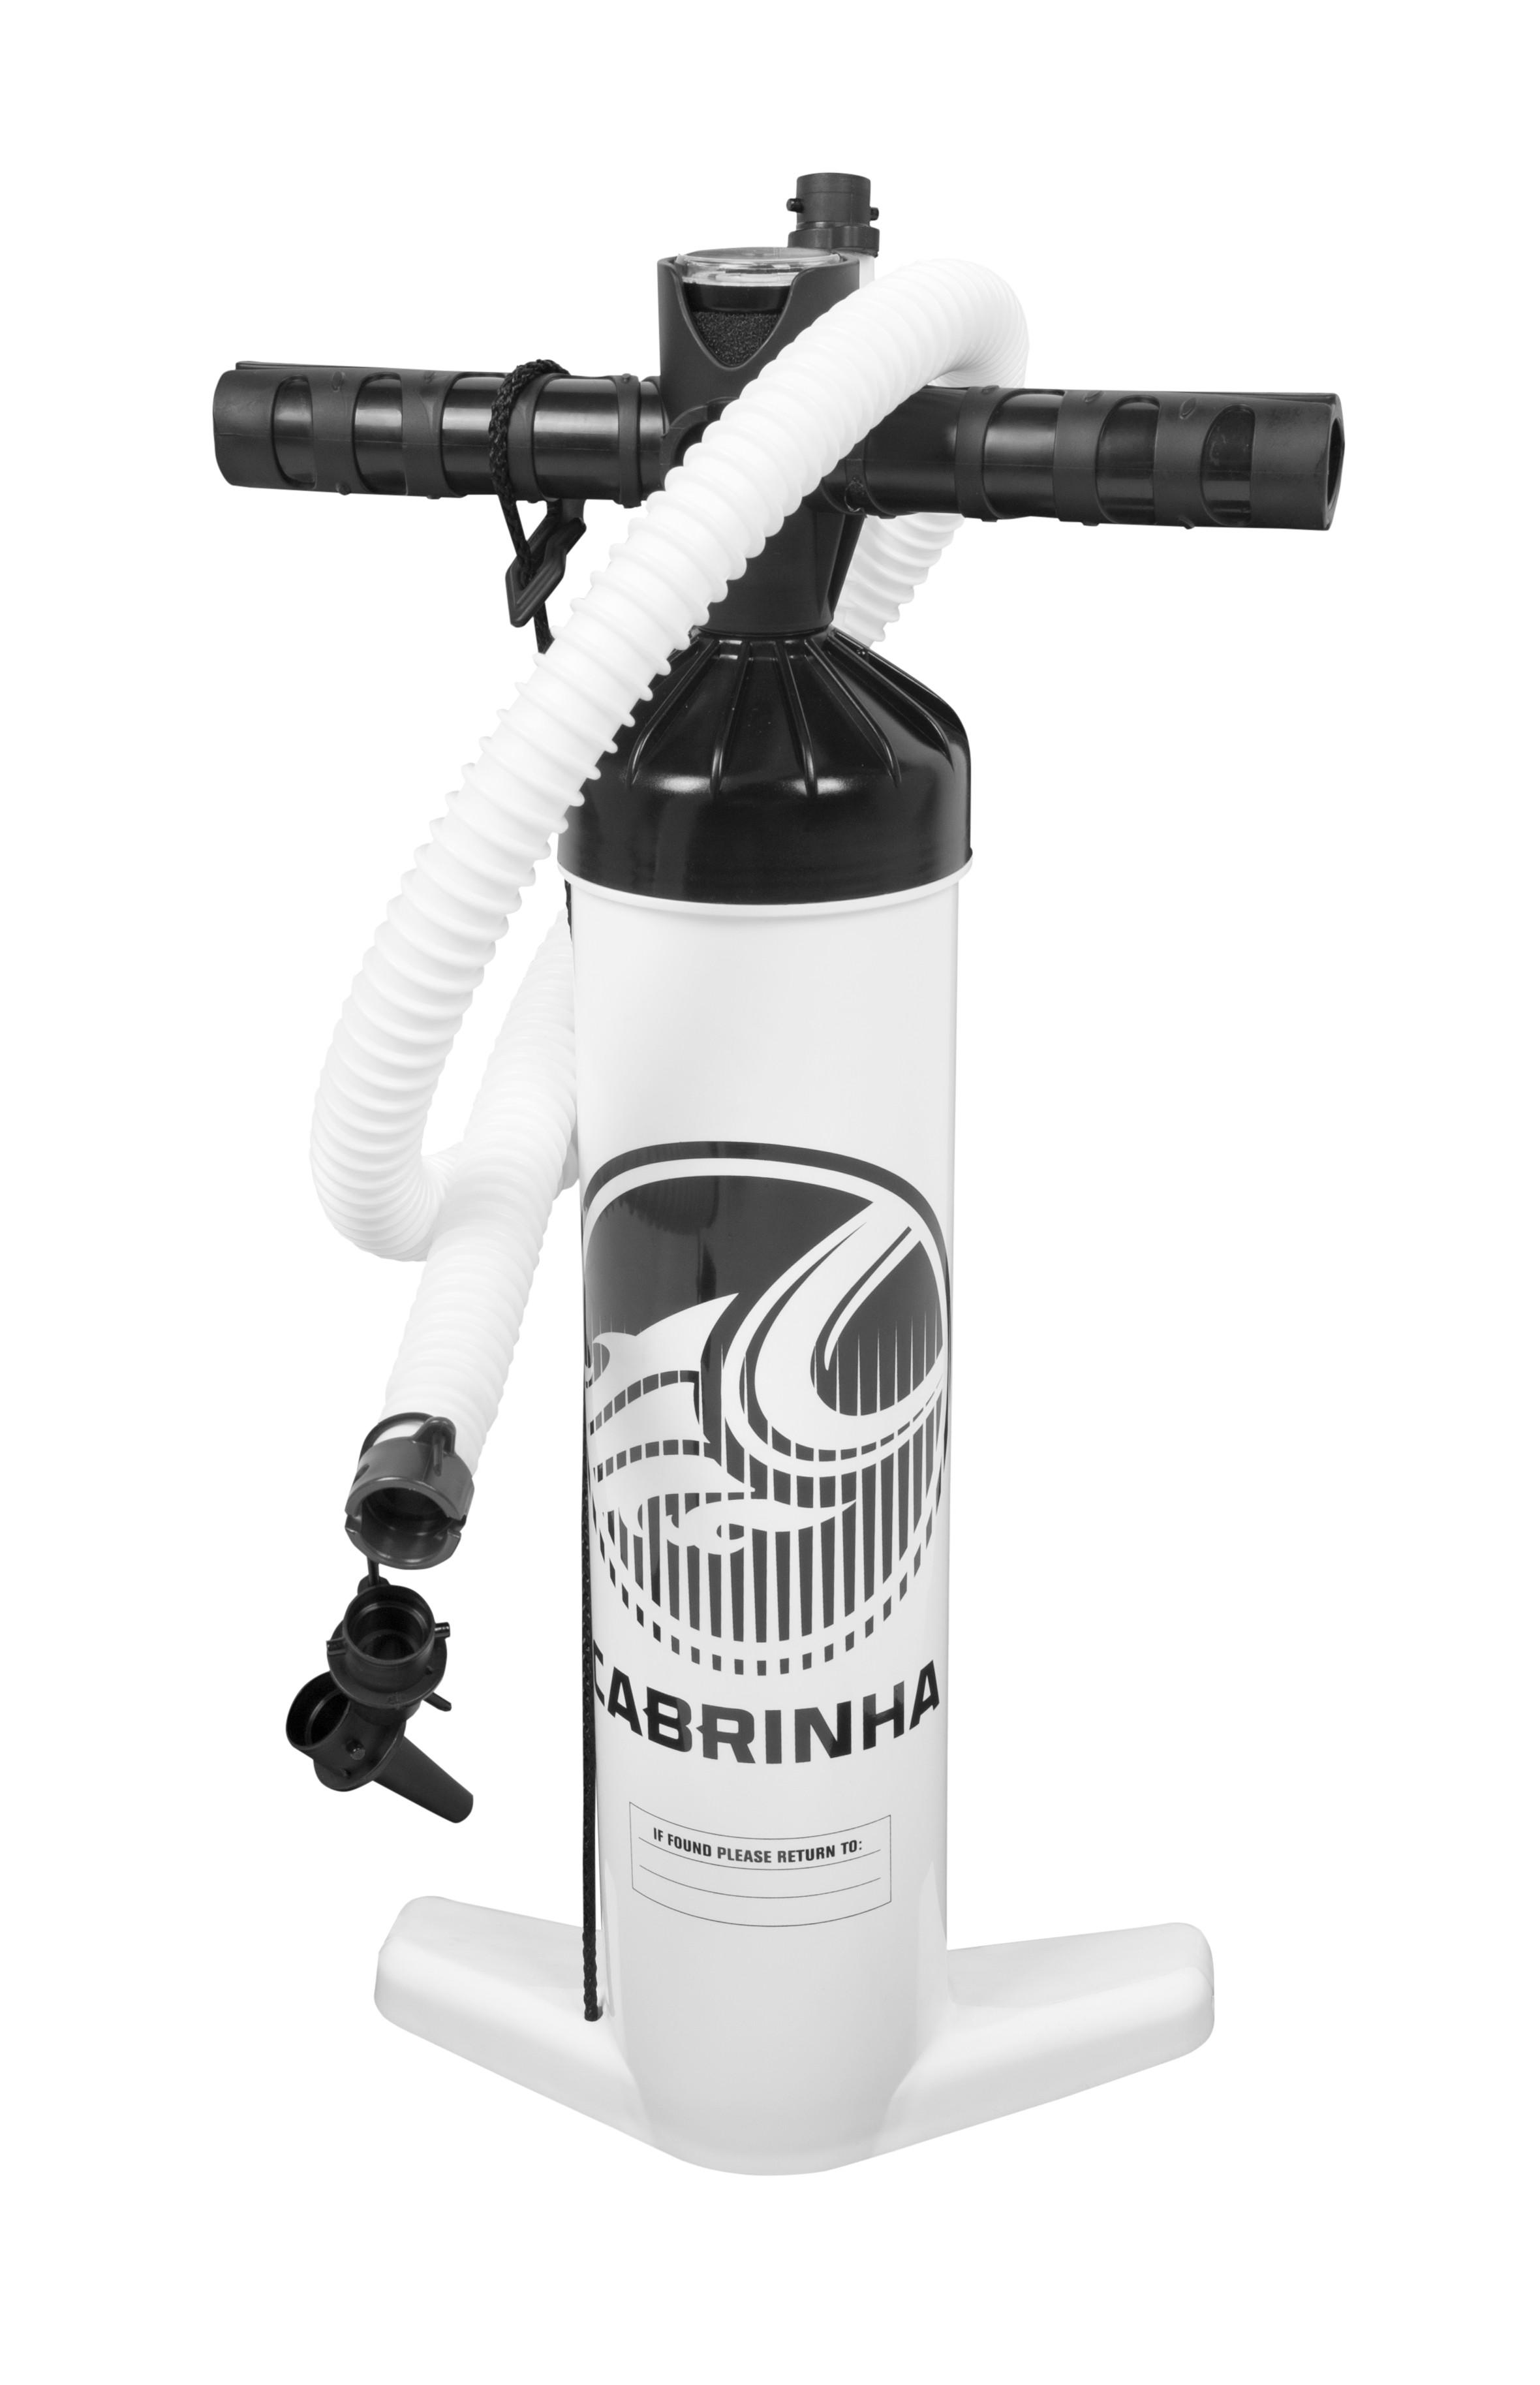 Cabrinha kitepomp | inflation pump